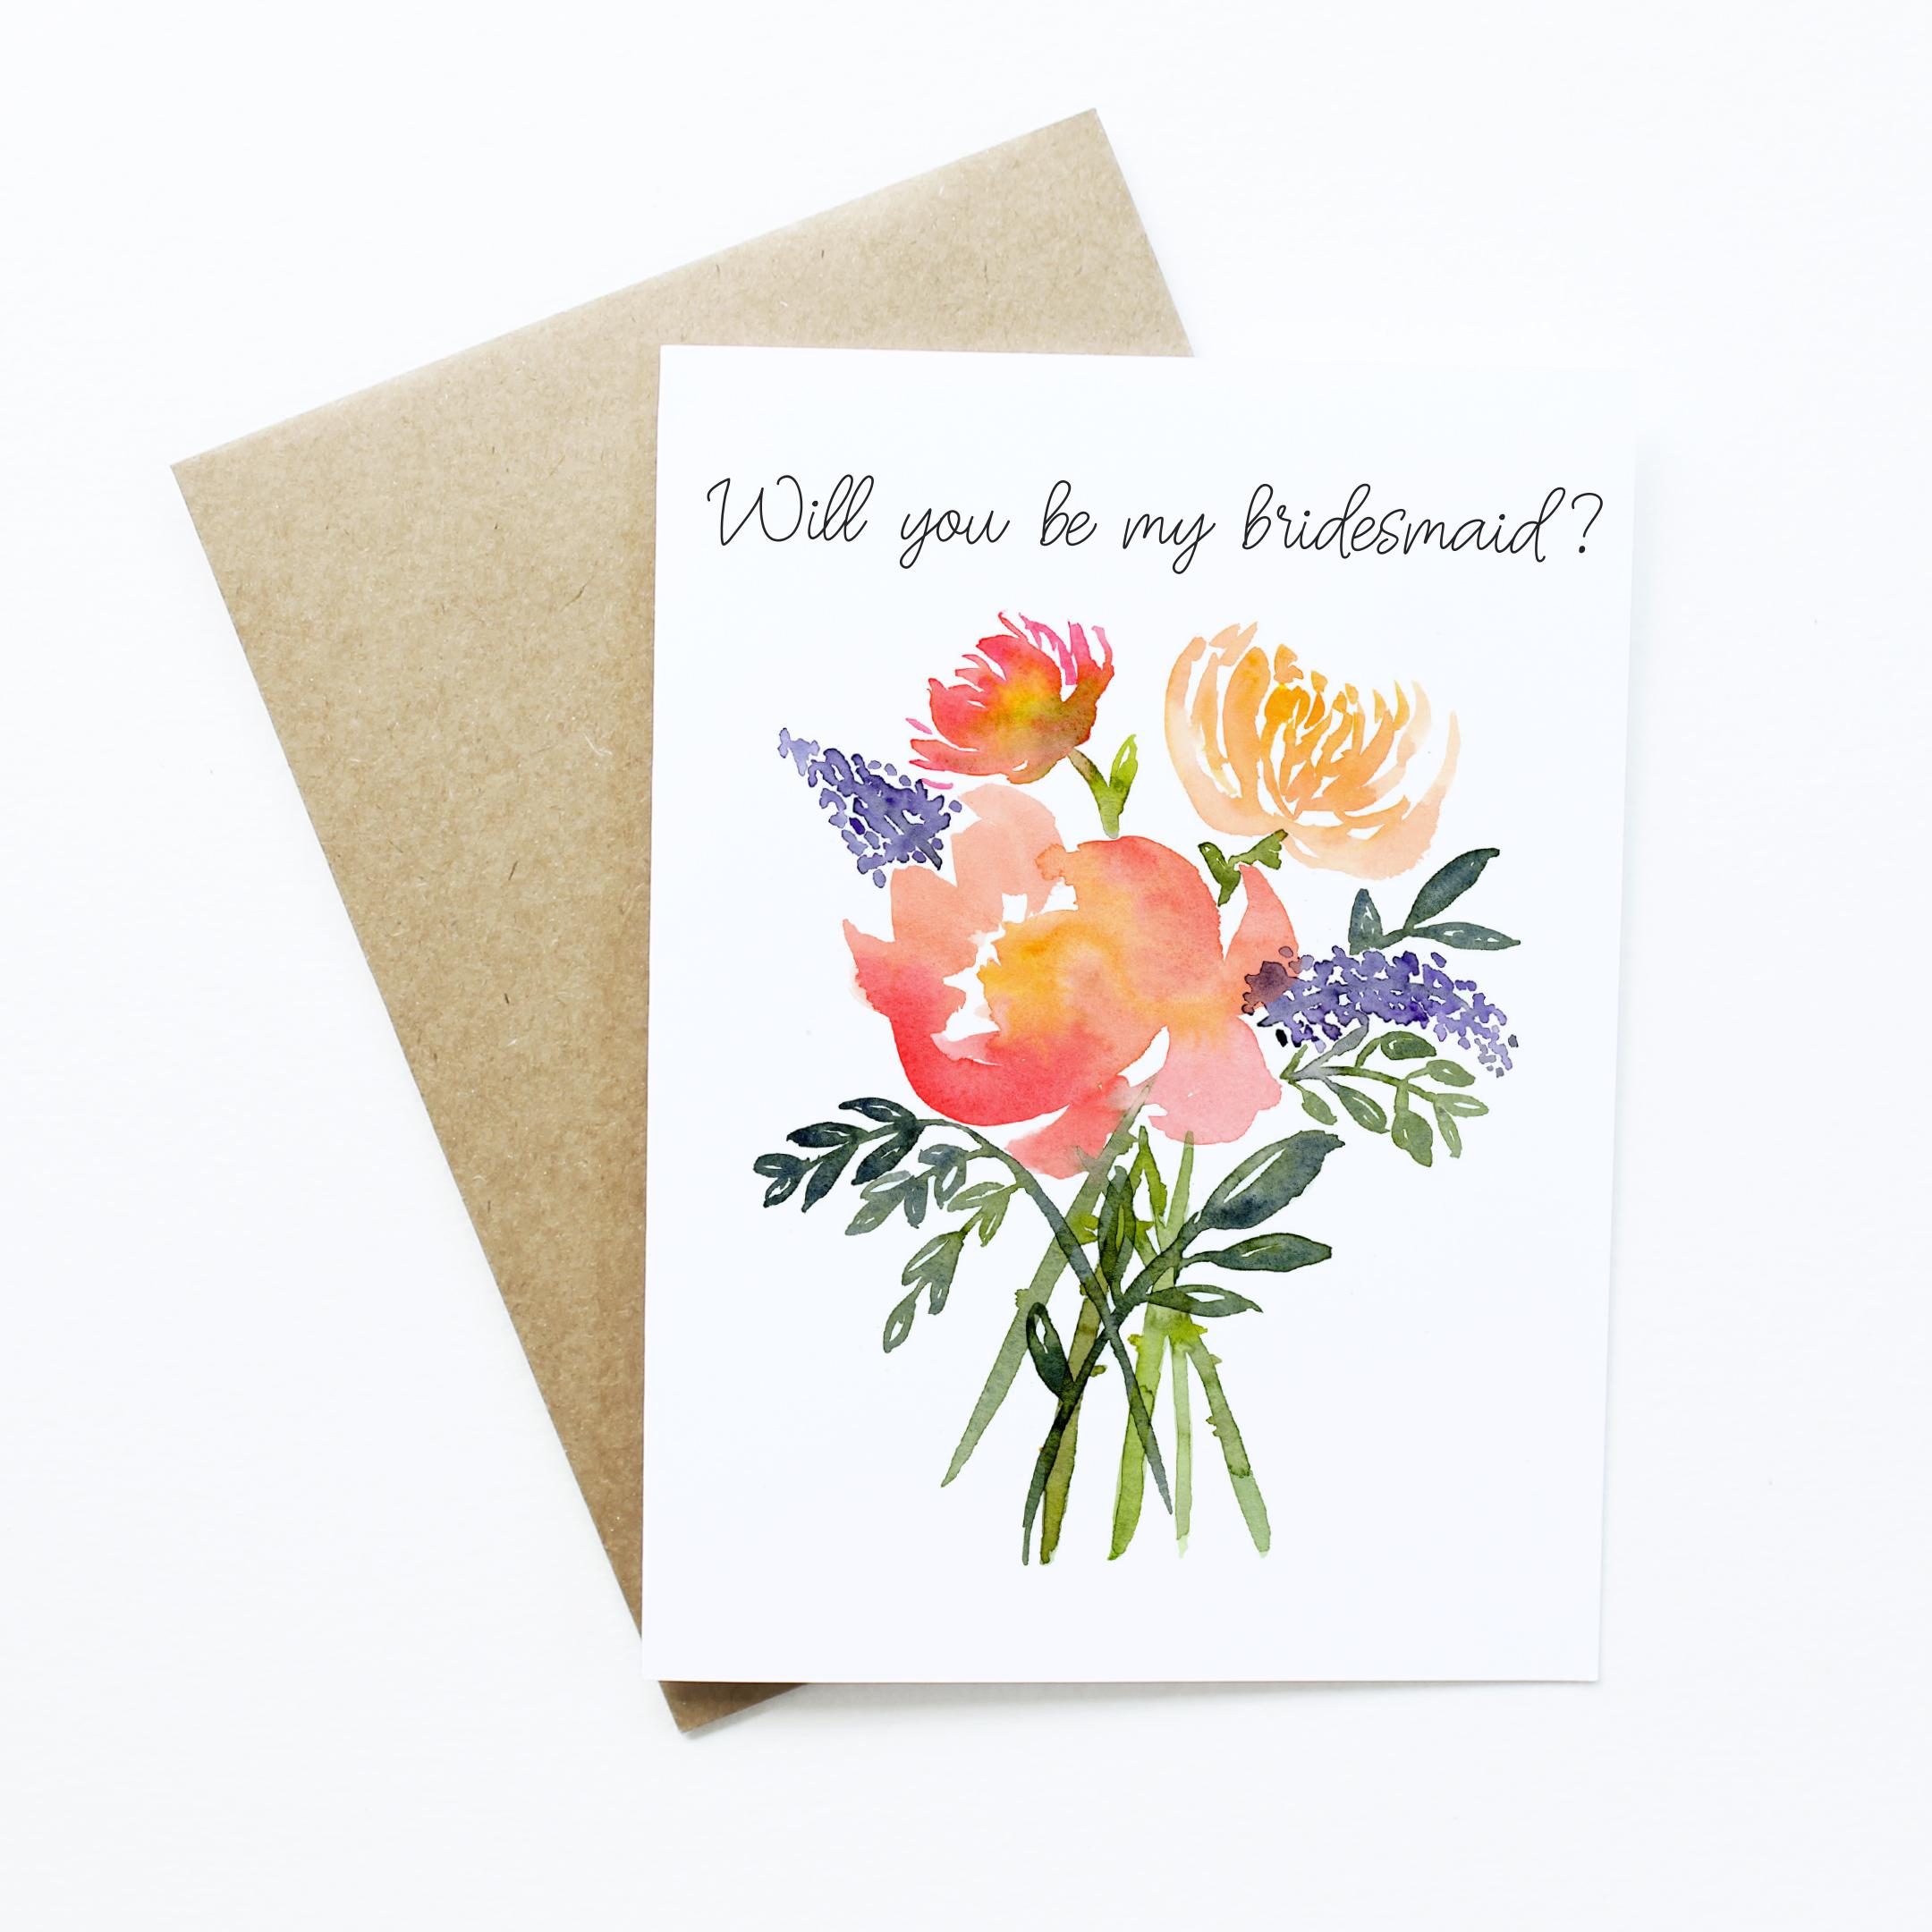 bridesmaid card mockup.JPG